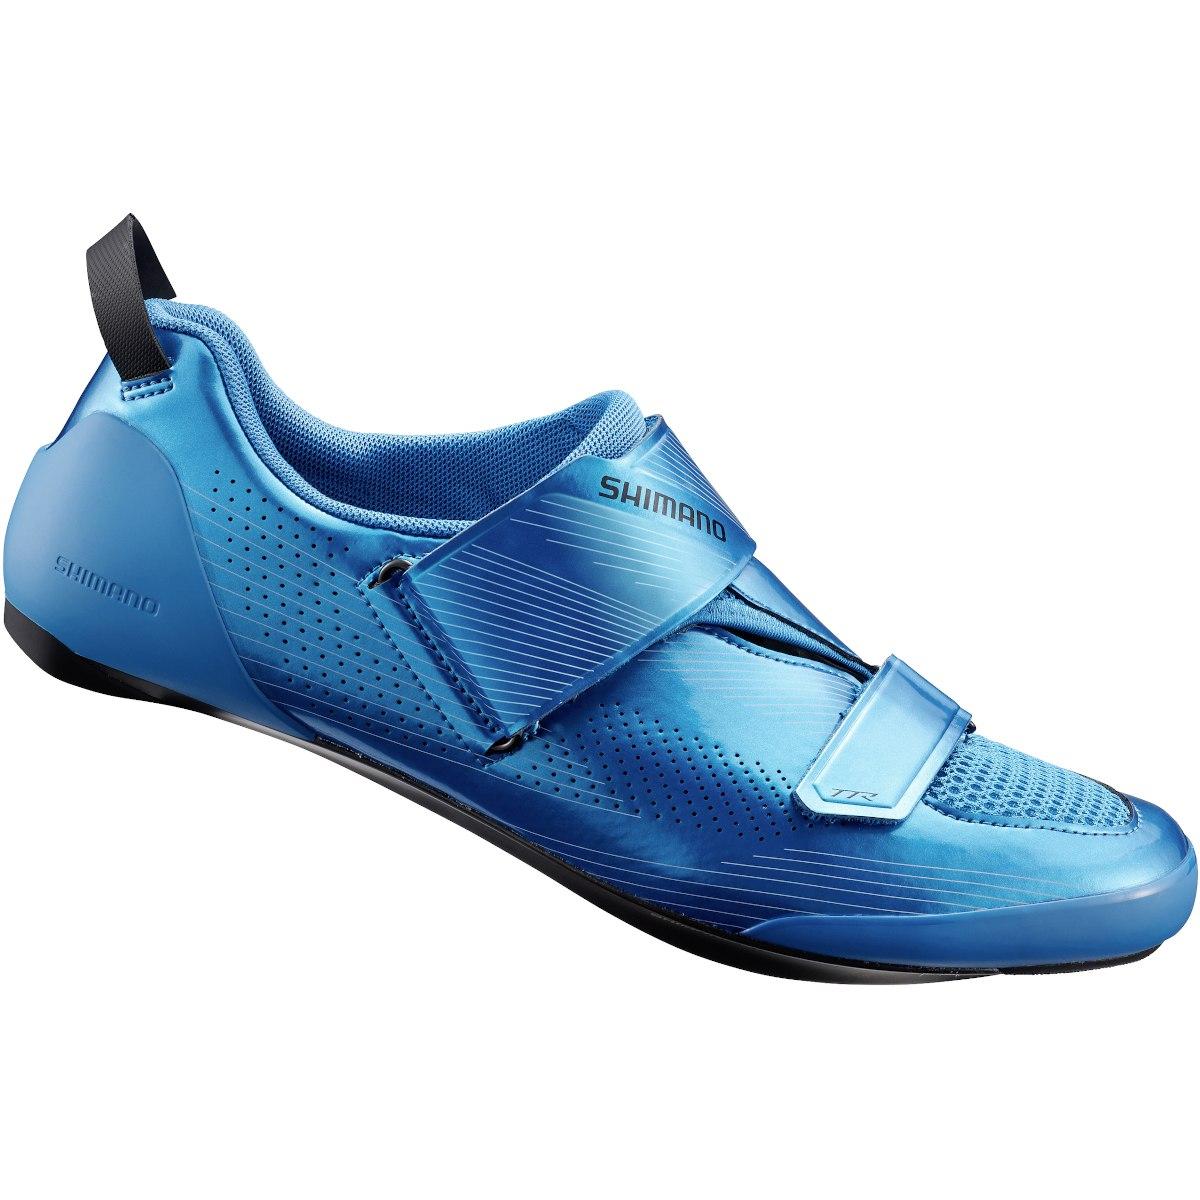 Produktbild von Shimano SH-TR901 Triathlonschuh - blue